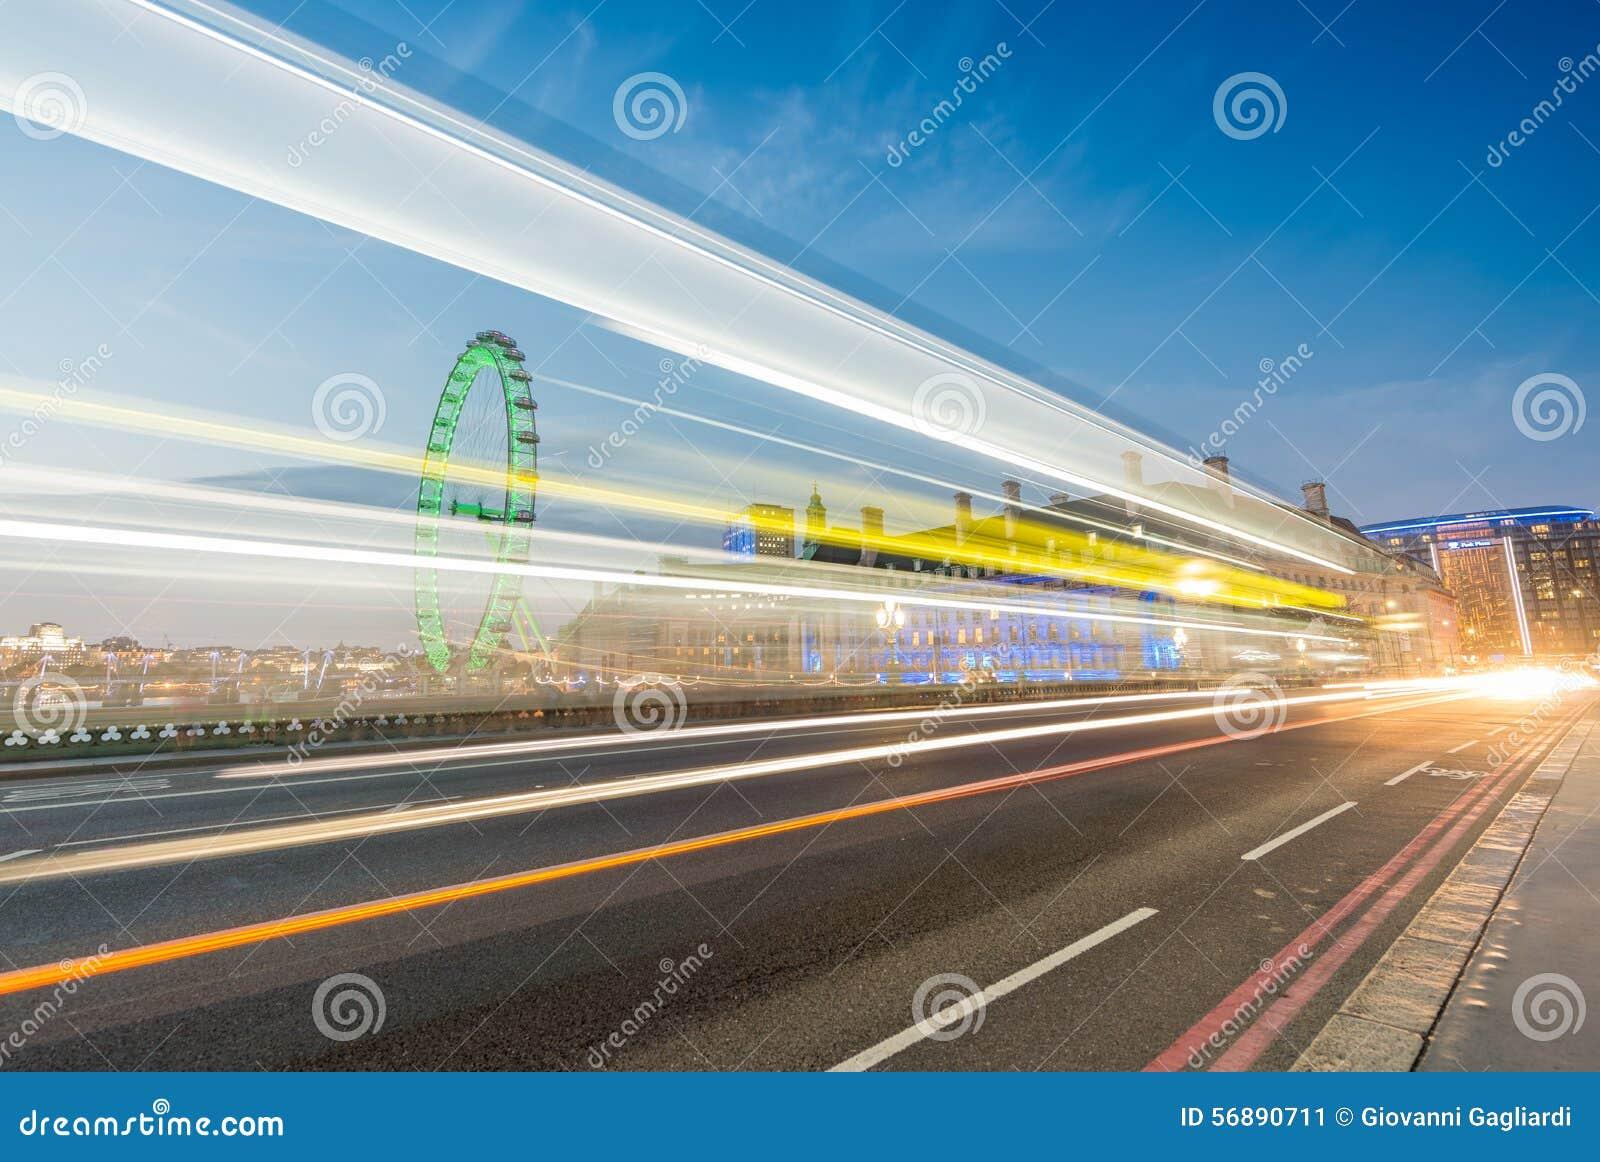 LONDRA - 13 GIUGNO 2015: Tracce della luce attraverso il ponte w di Westminster